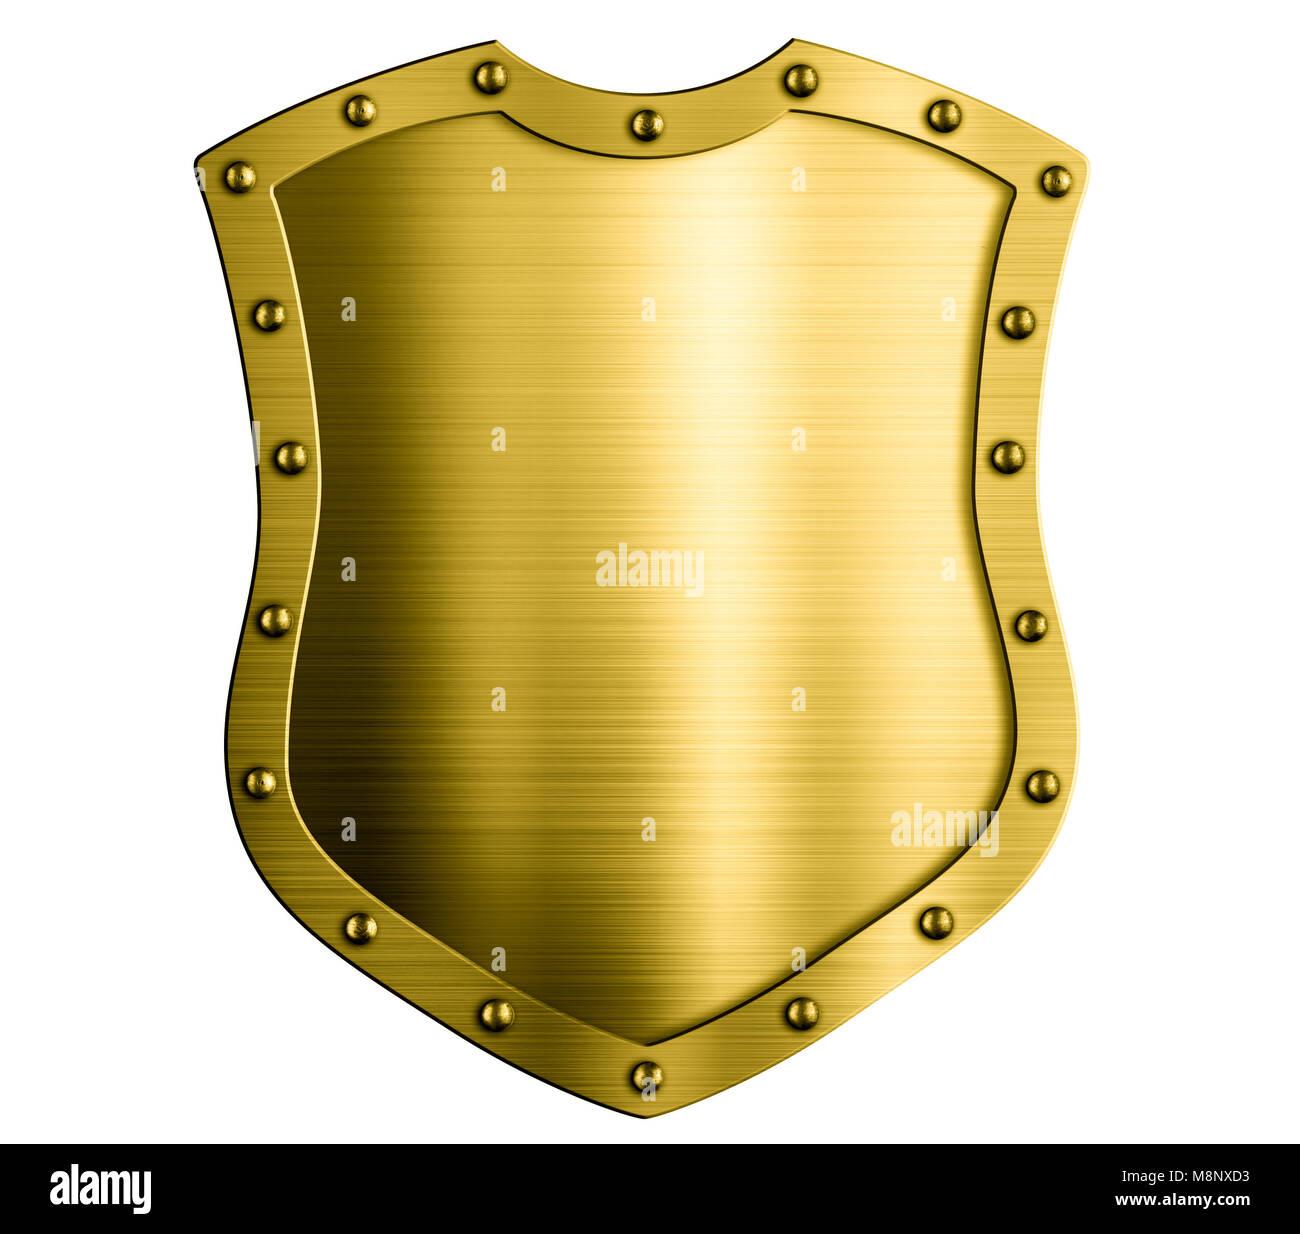 Escudo de oro medieval Metal aislado ilustración 3d Imagen De Stock